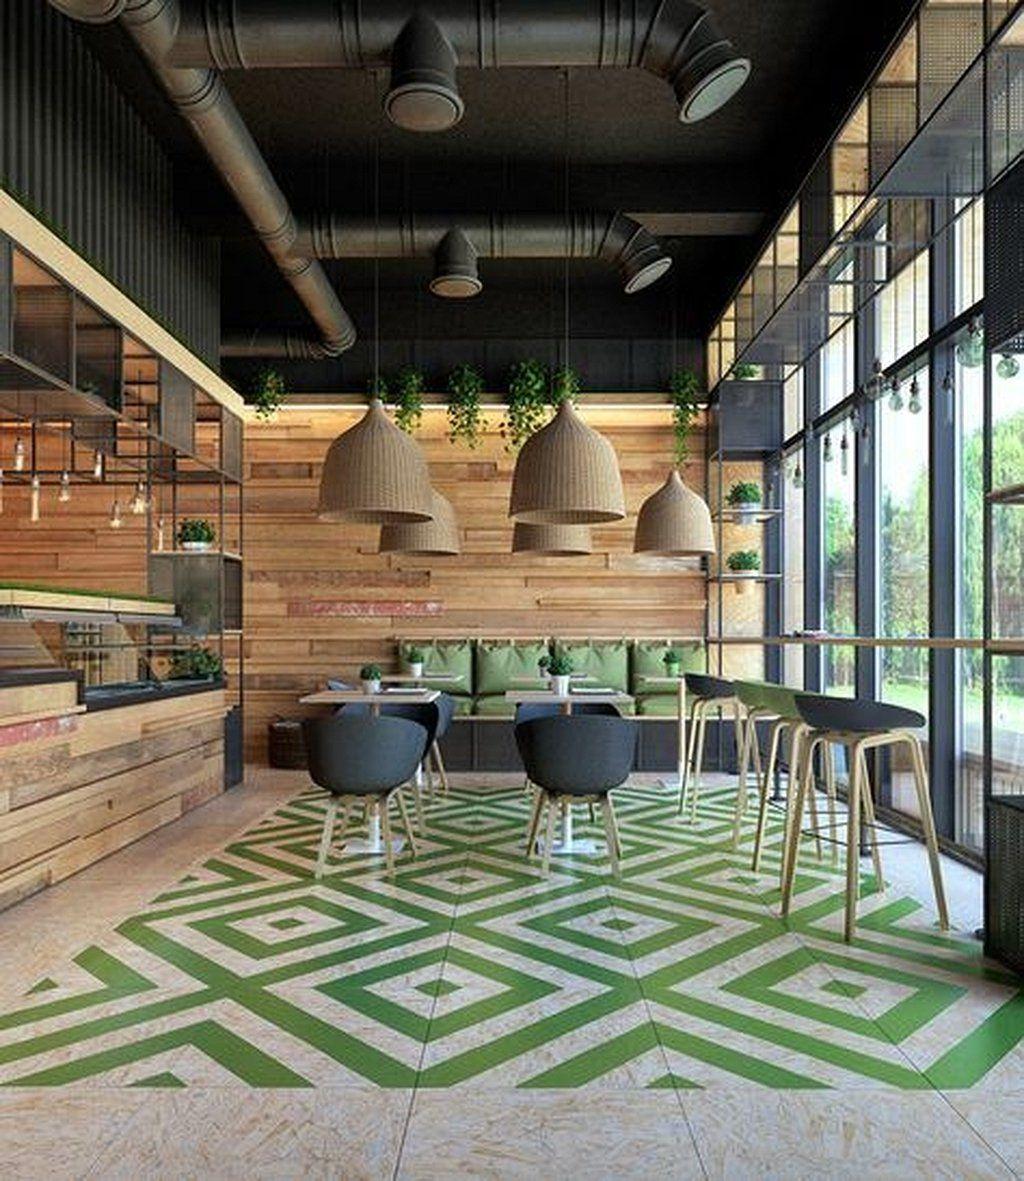 Best 30 Cafe Bar Design Ideas For You Cafe Bar Design